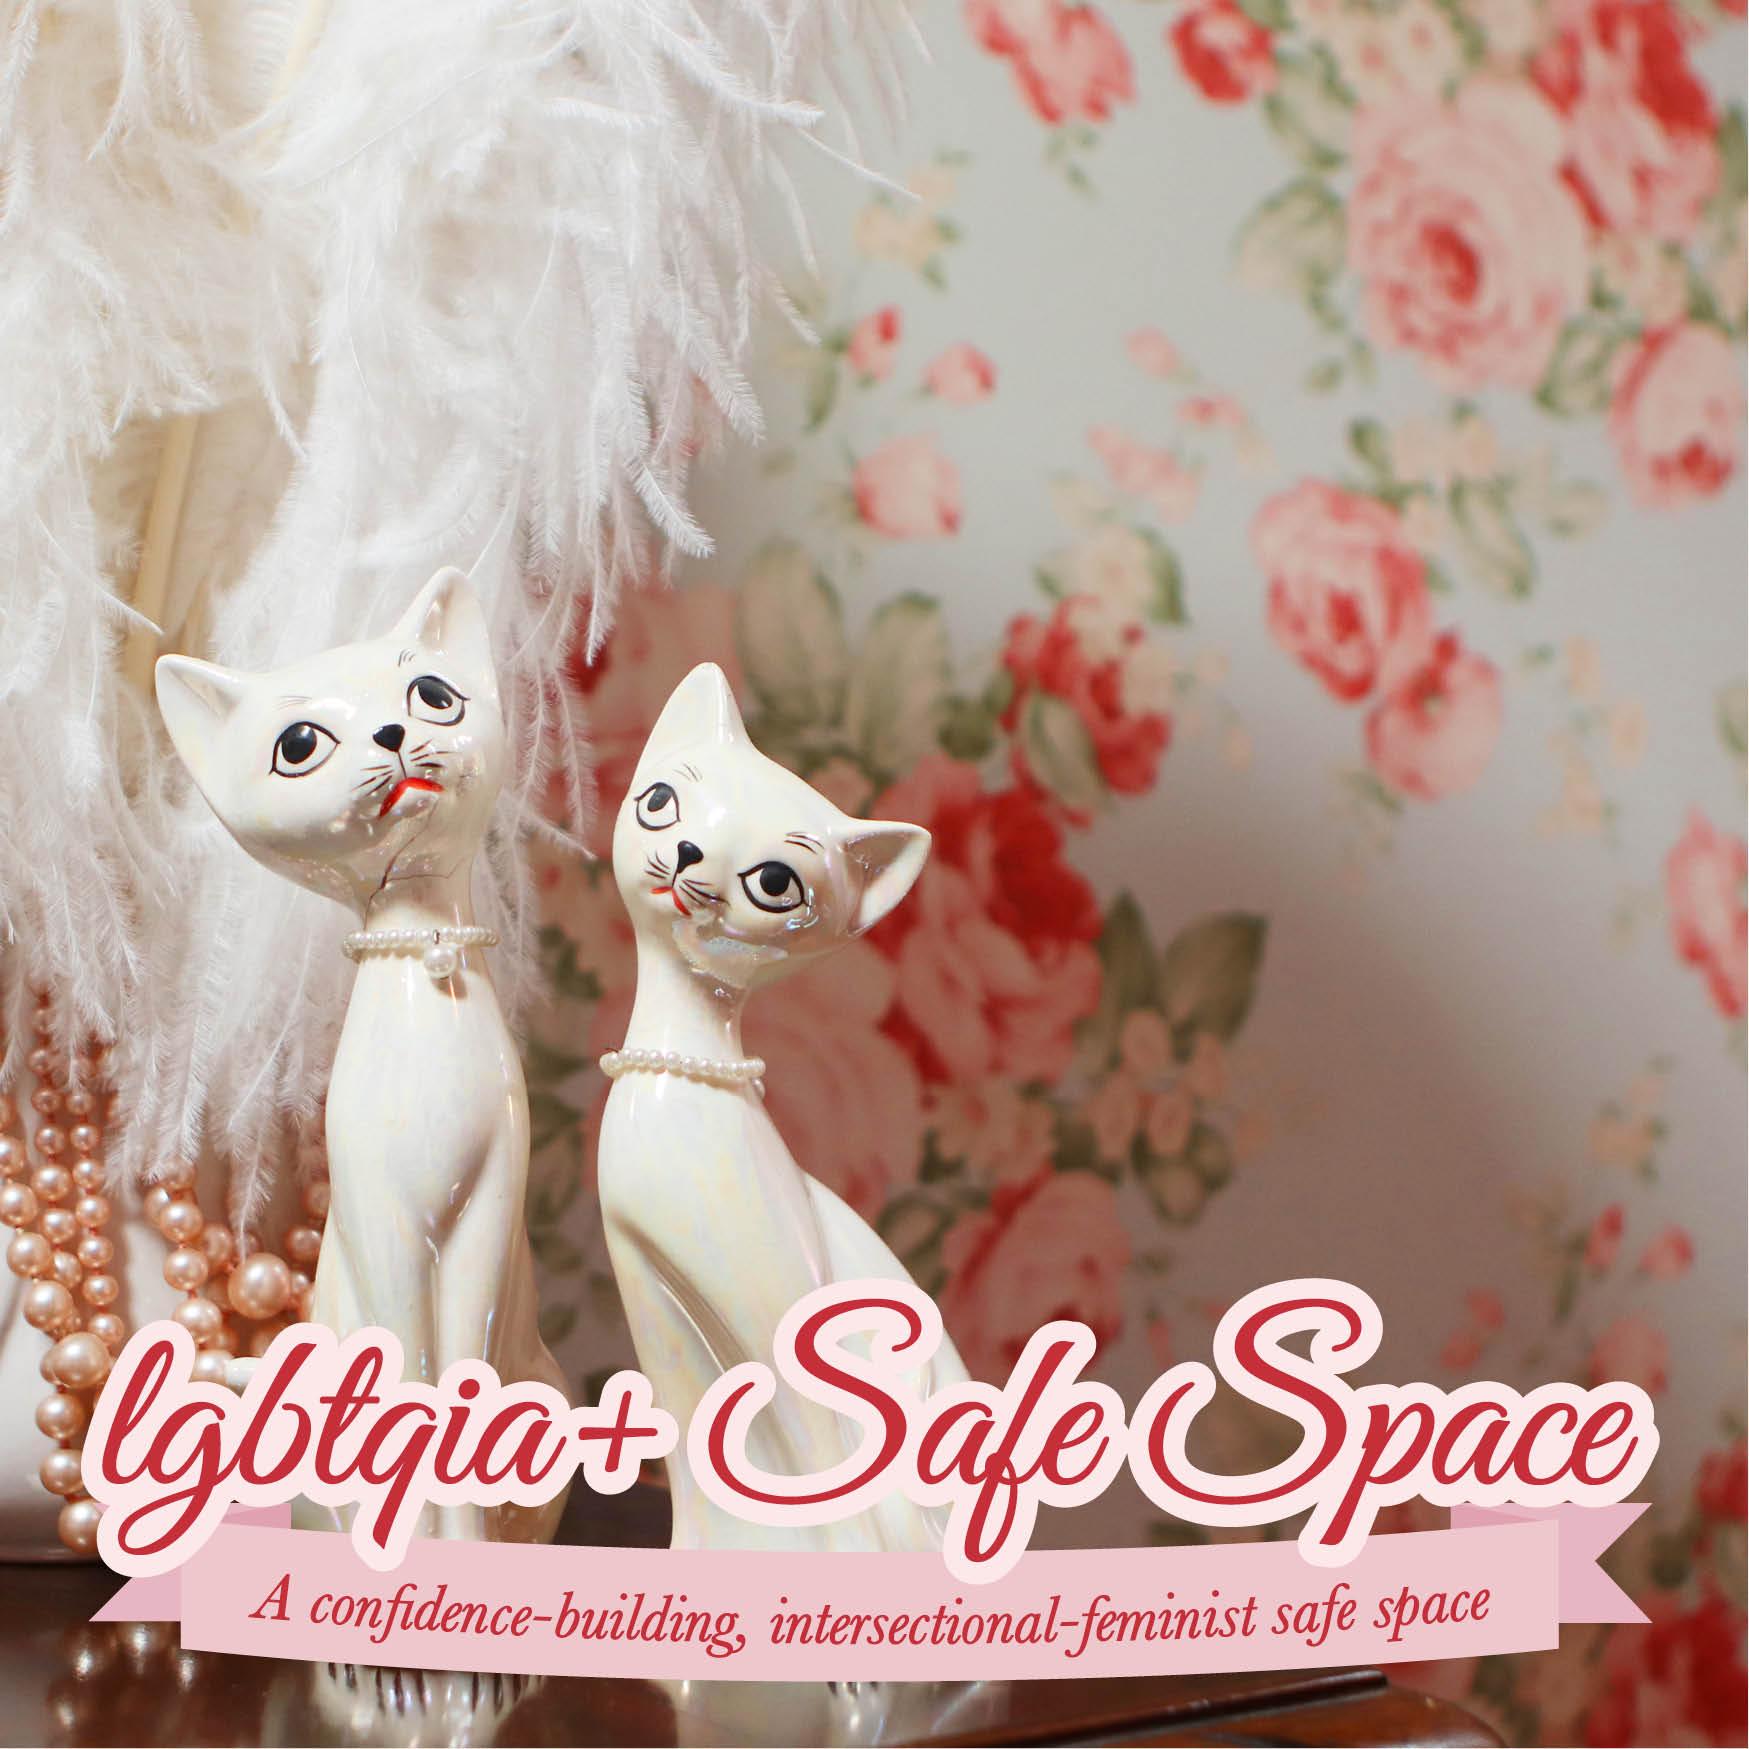 lgbt safe space.jpg